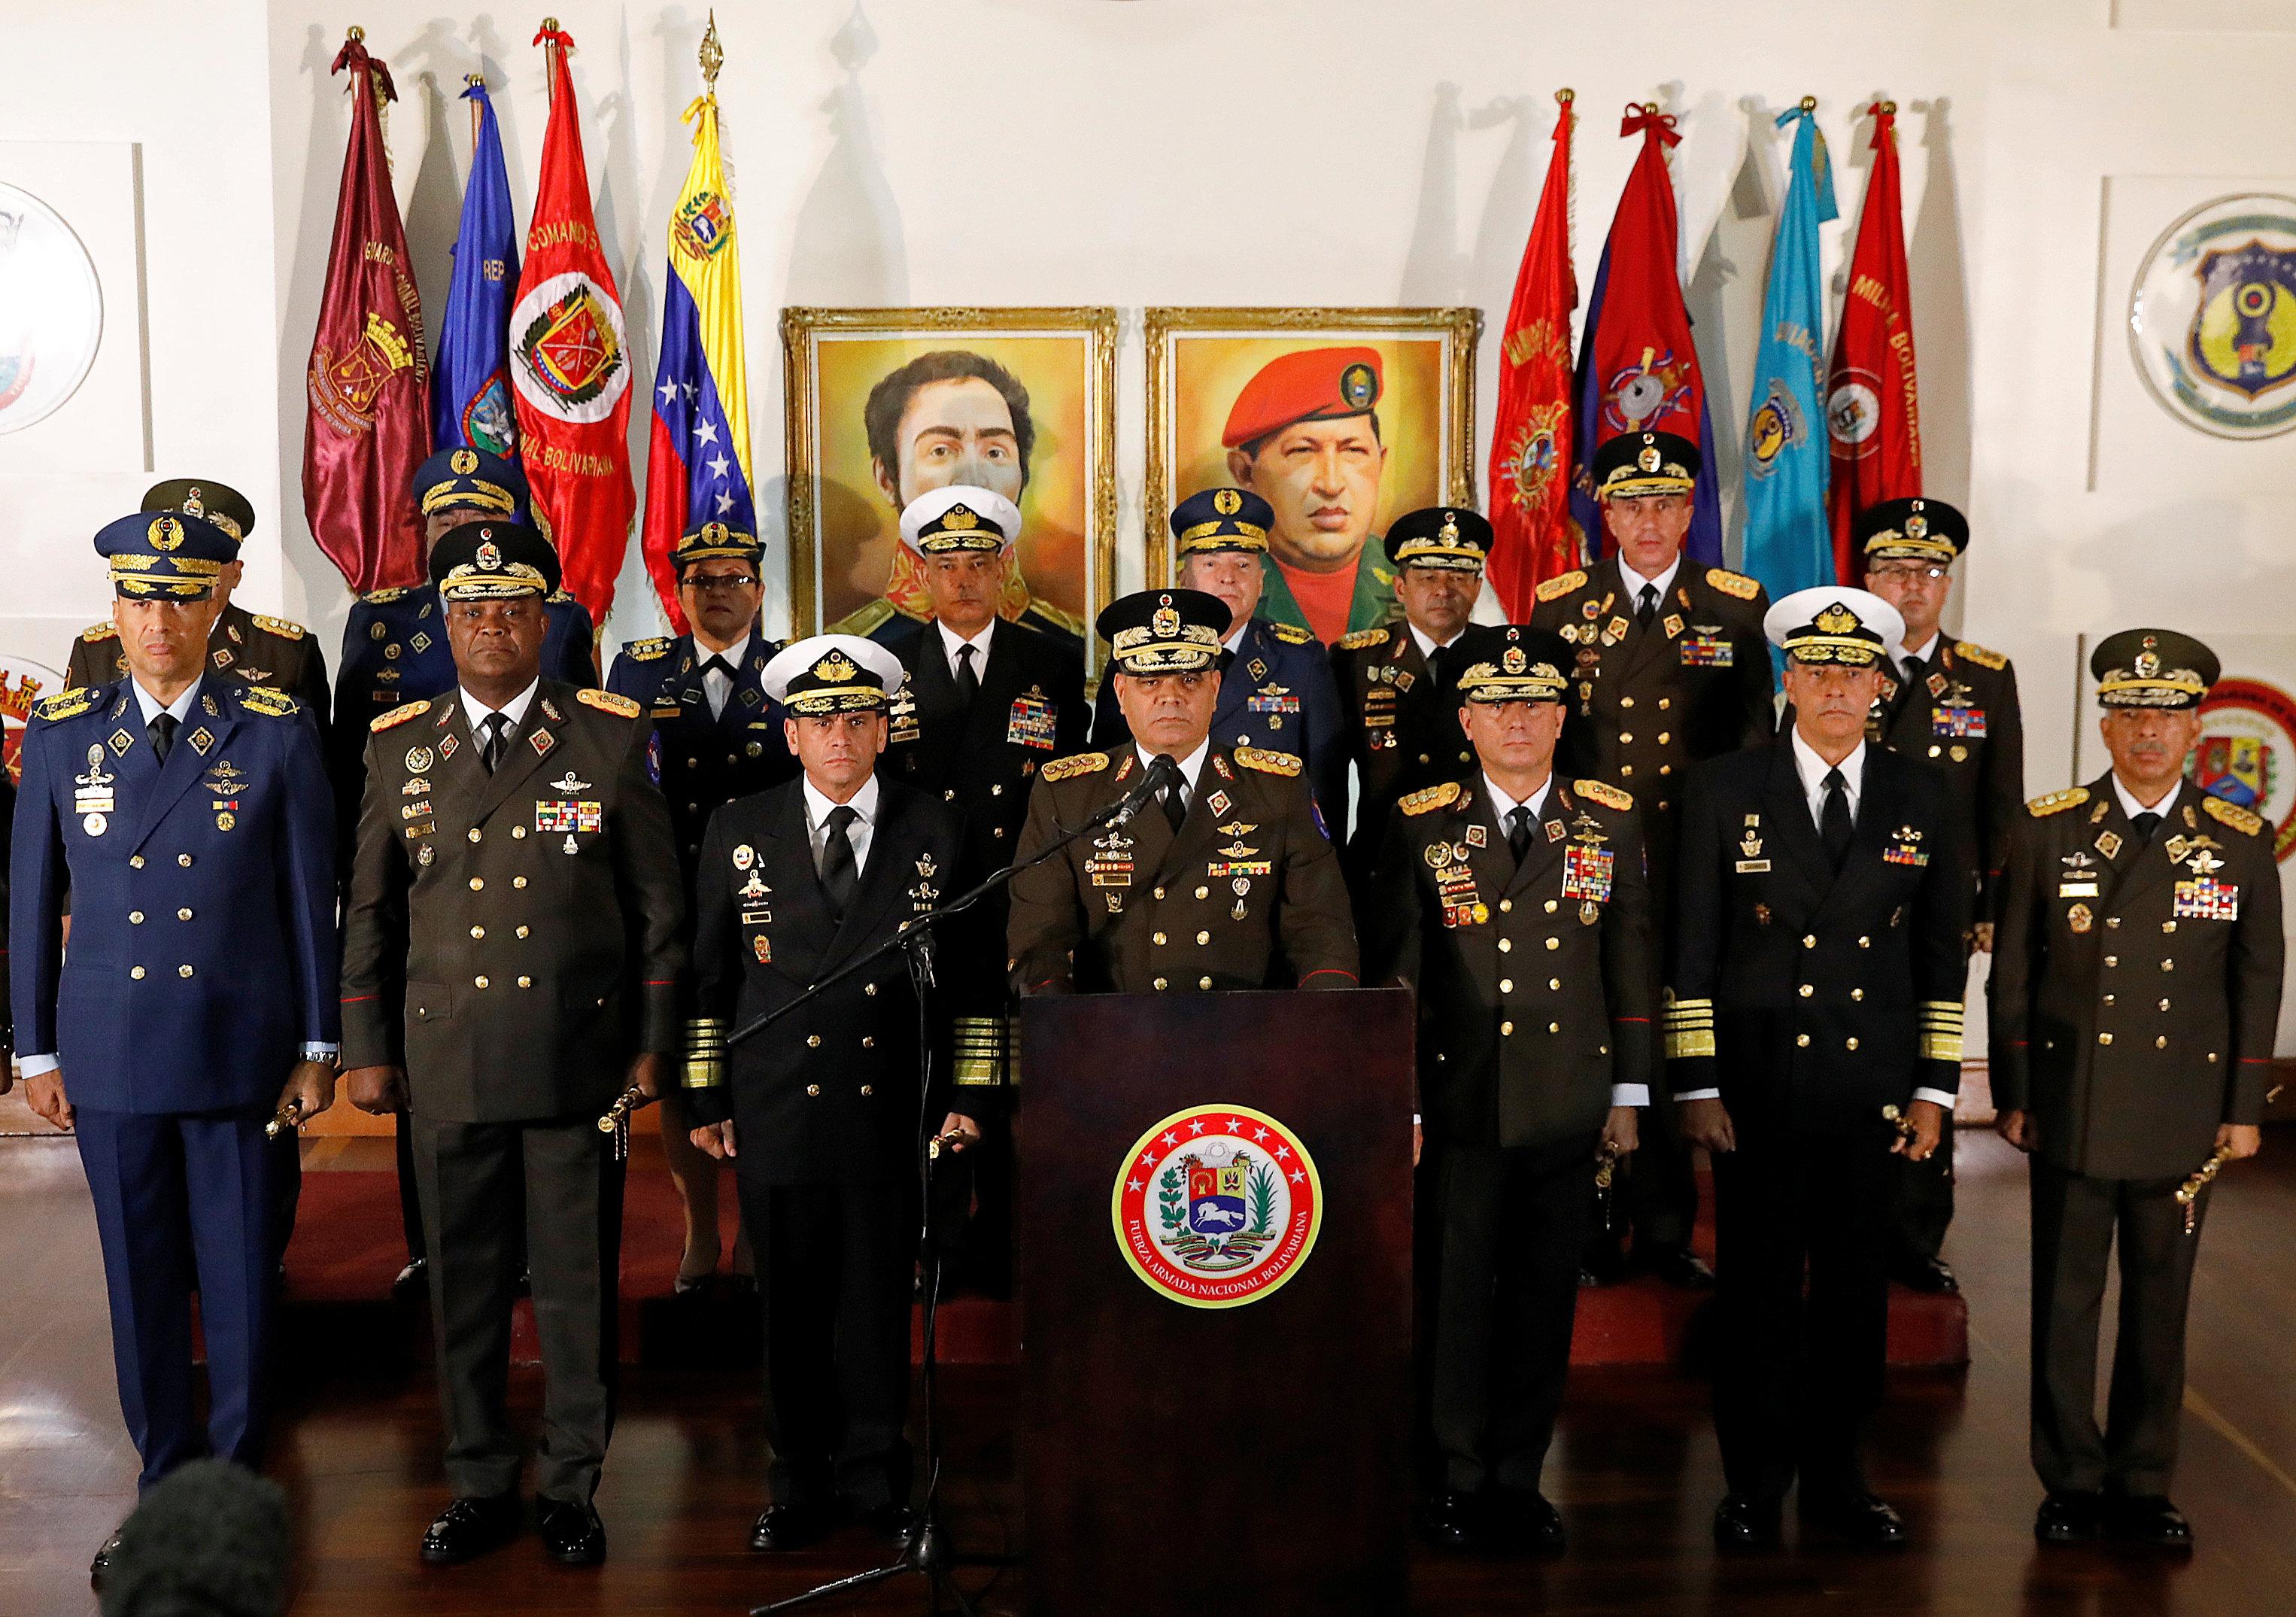 El mensaje de Vladimir Padrino López junto al resto del alto mando militar manifestando su apoyo a Maduro (REUTERS/Manaure Quintero)